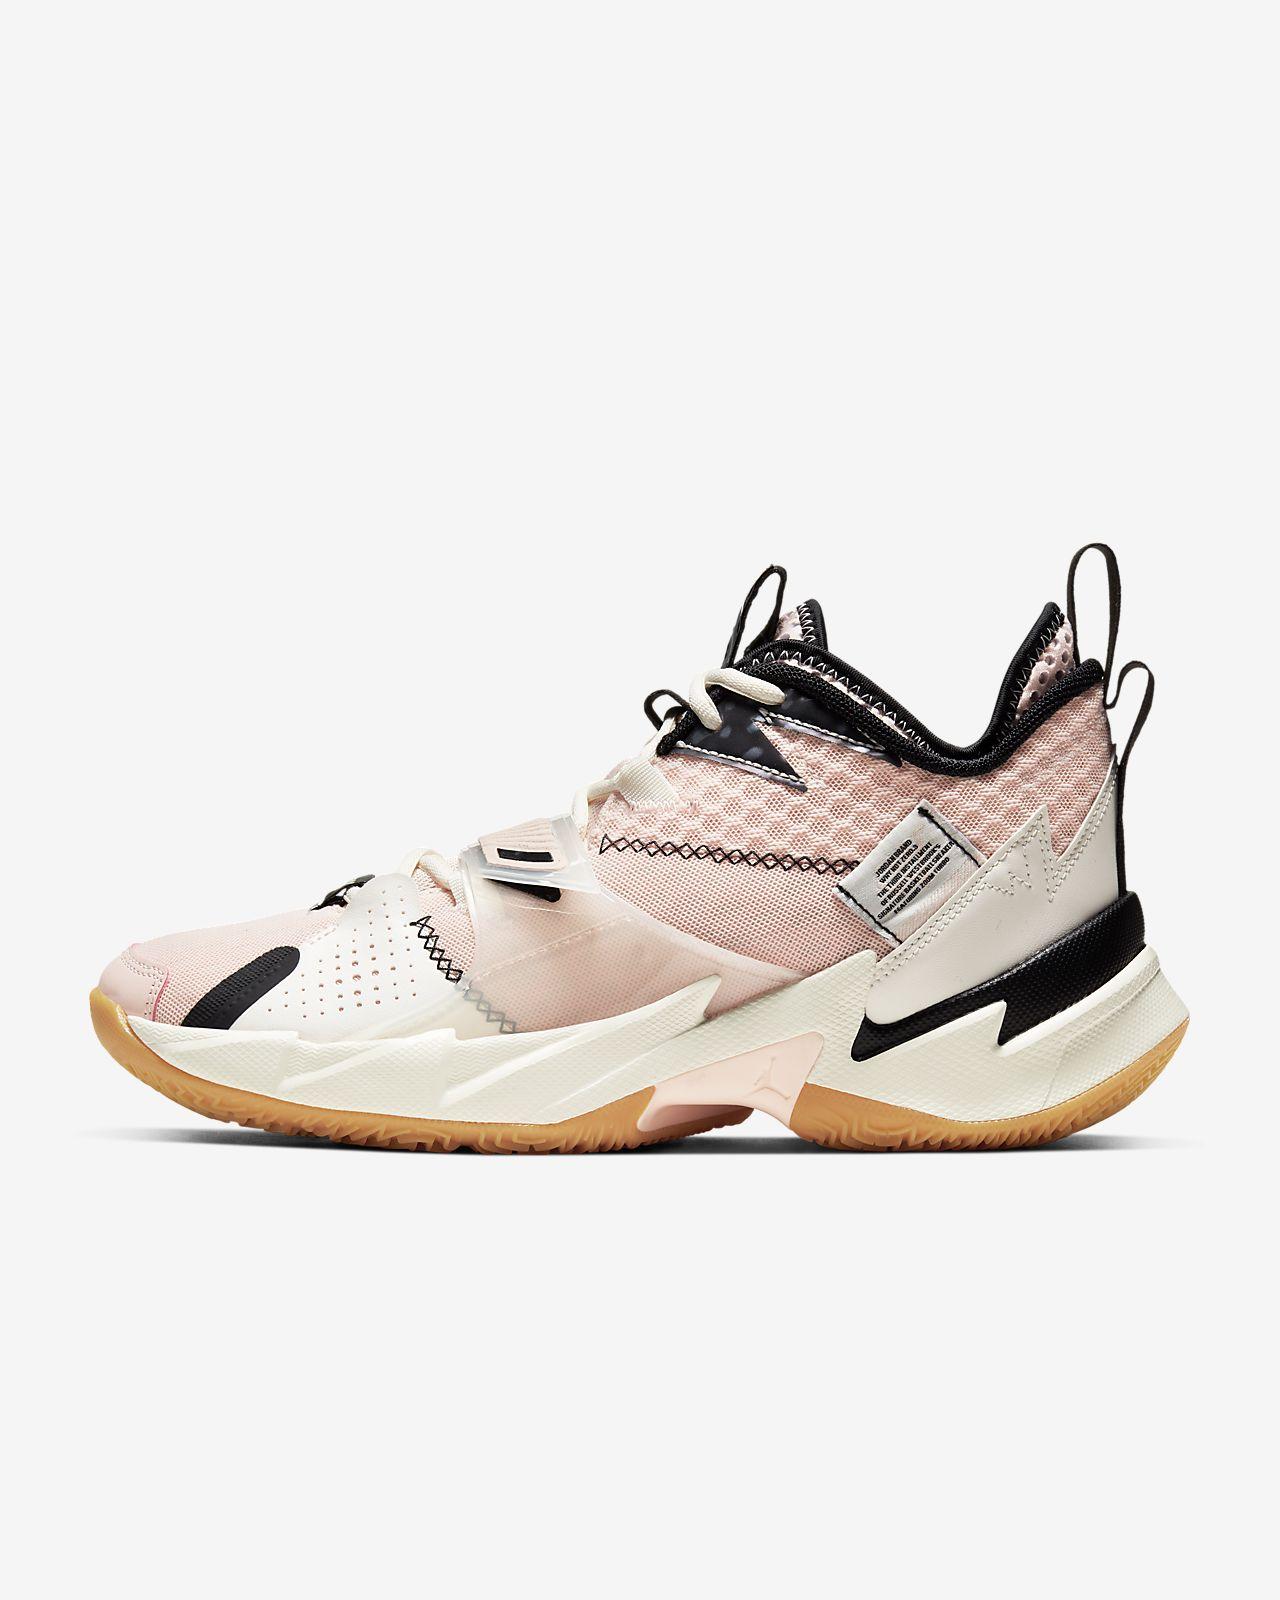 Chaussure de basketball Jordan « Why Not? » Chaussure de basketball Zer0.3